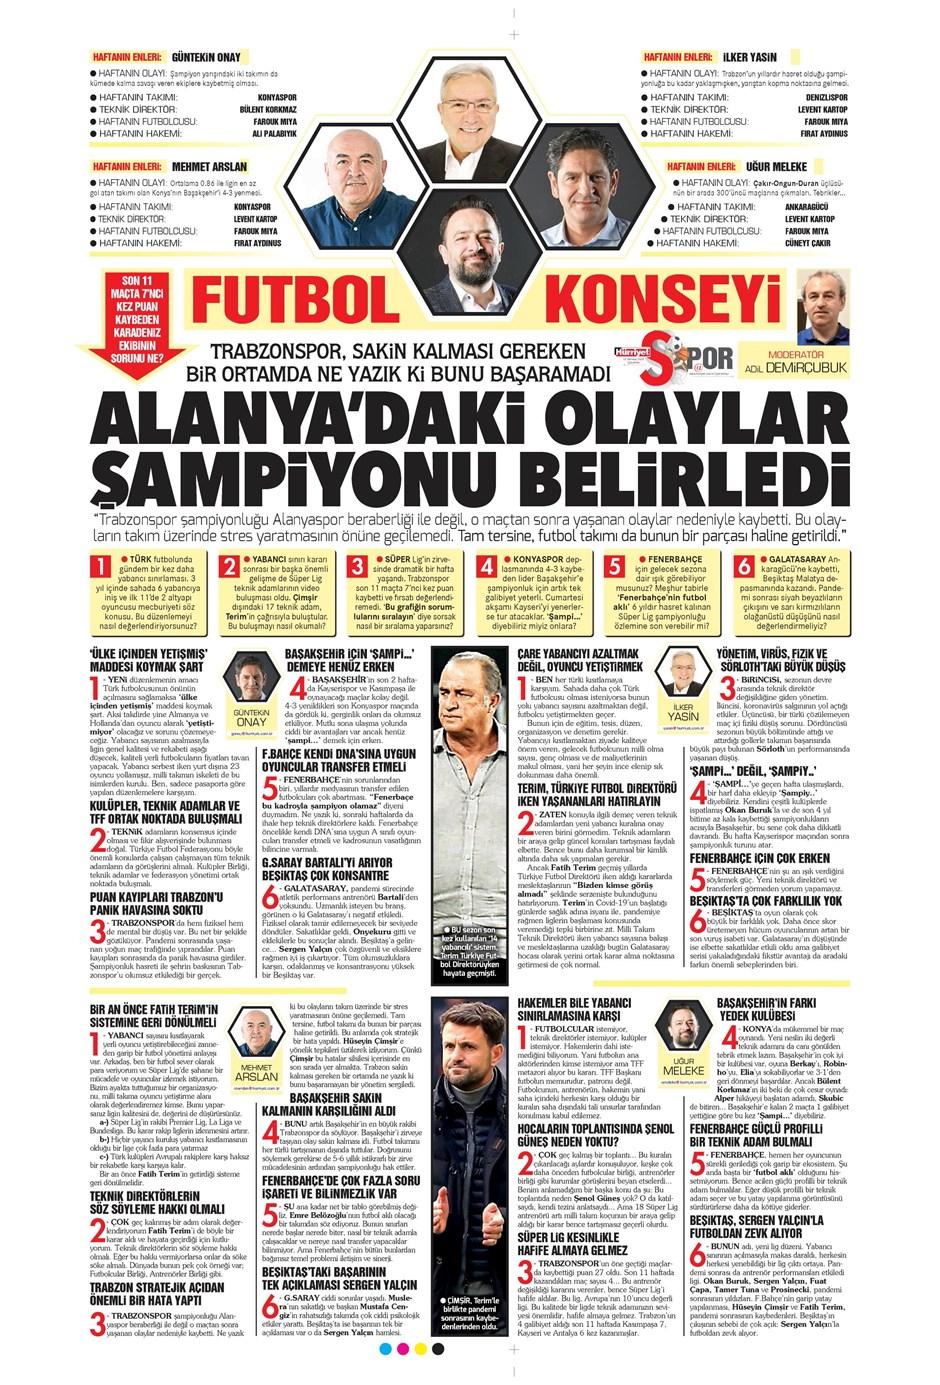 15 Temmuz 2020 günün spor manşetleri! İşte sporda gazete başlıkları 22